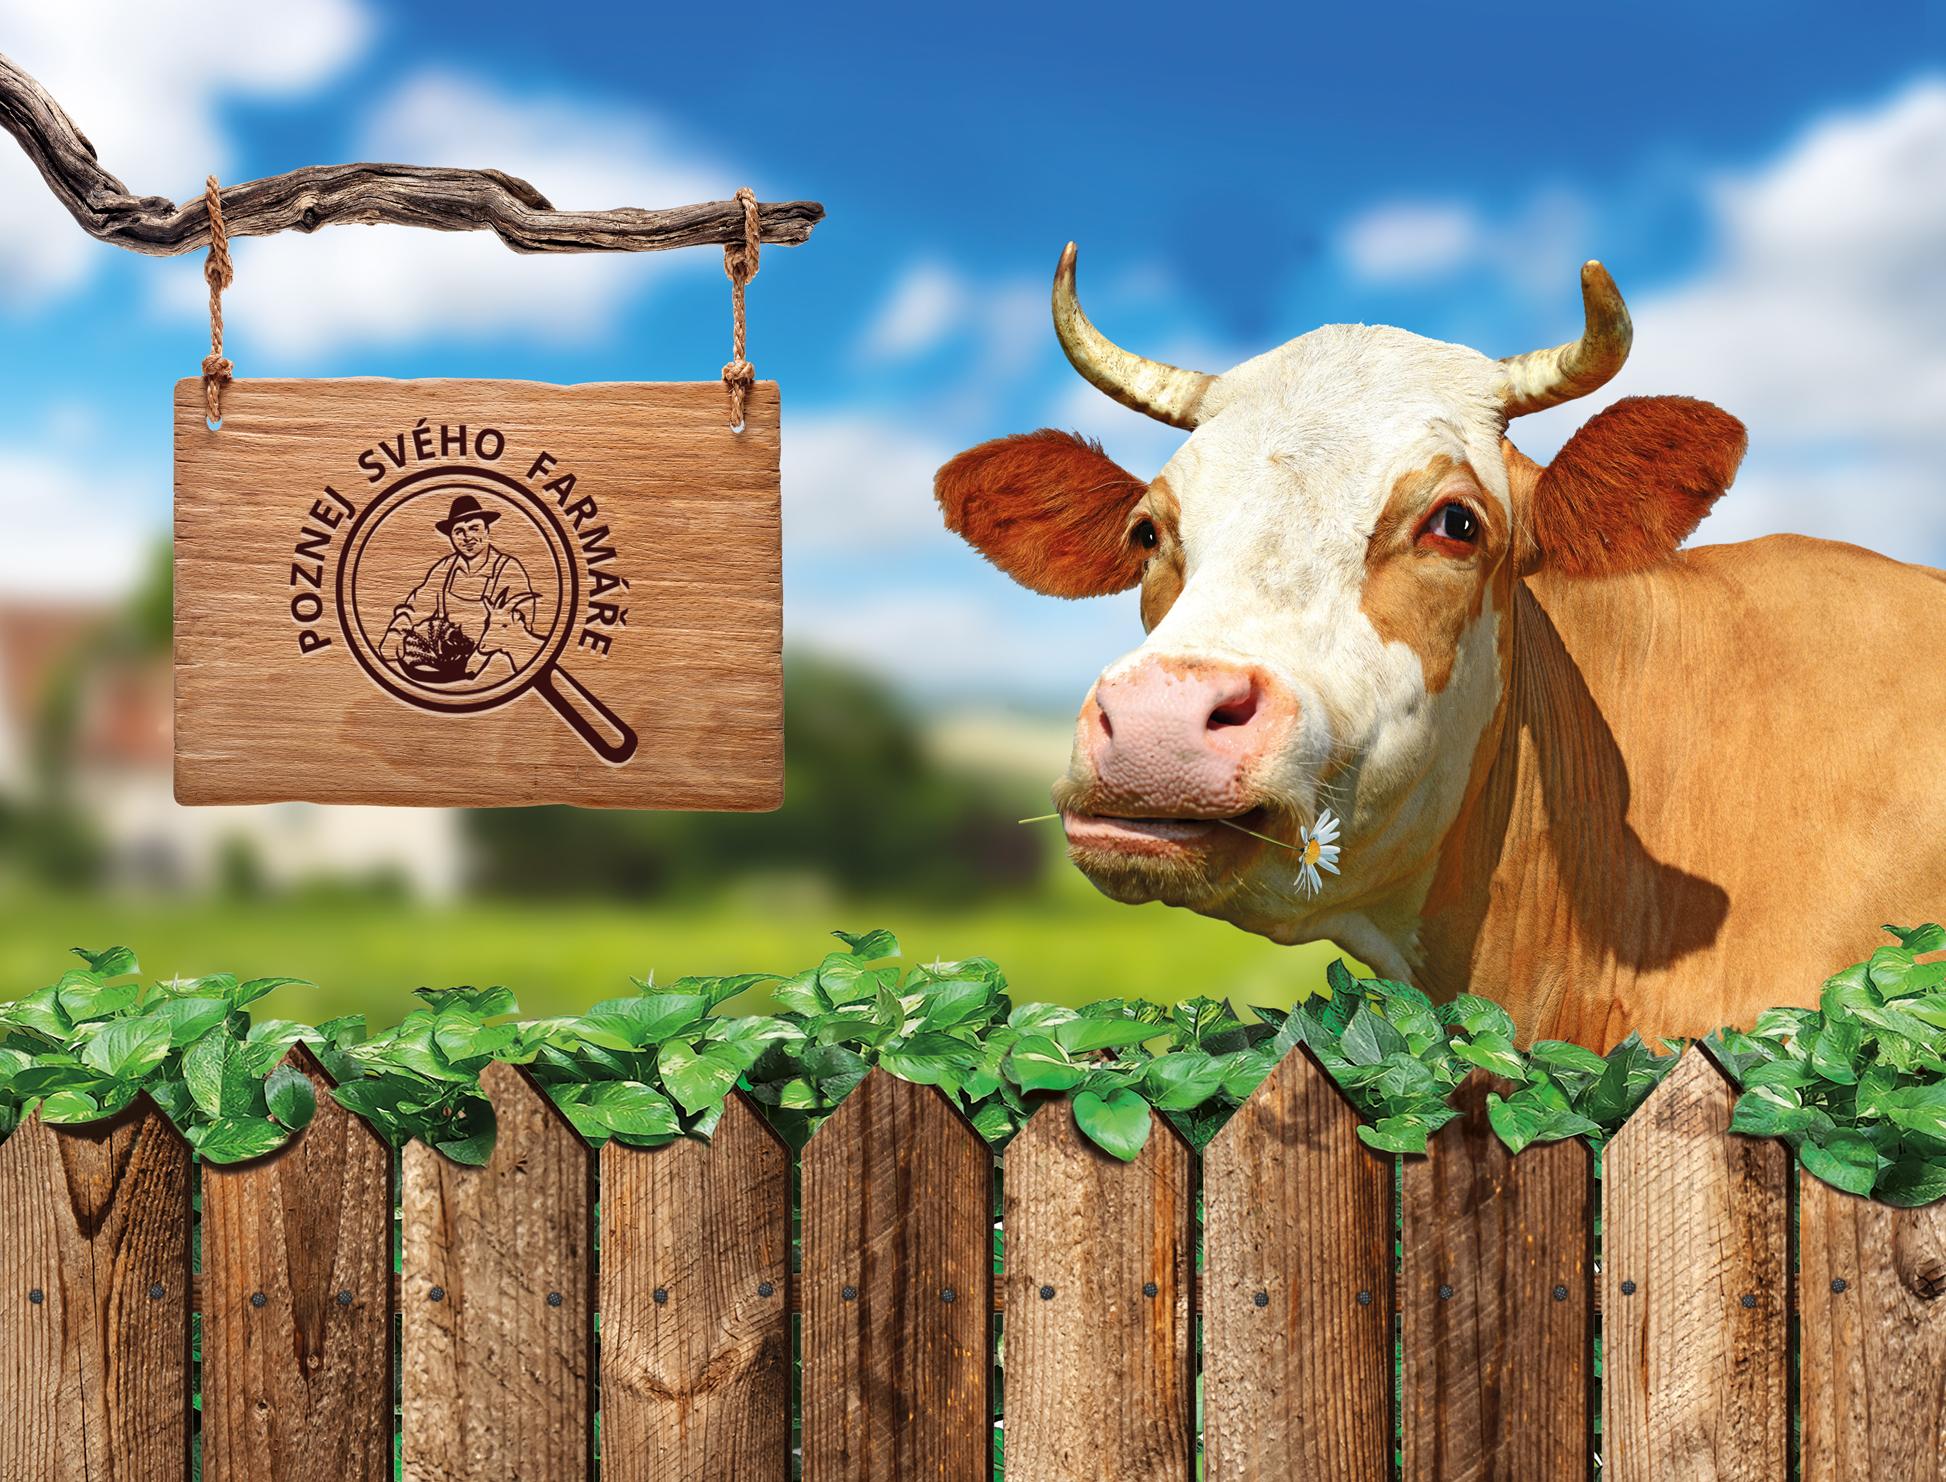 Program pro celou rodinu na Farmě Na Rychtě u Moravské Třebové v sobotu 1.7. od 10:00